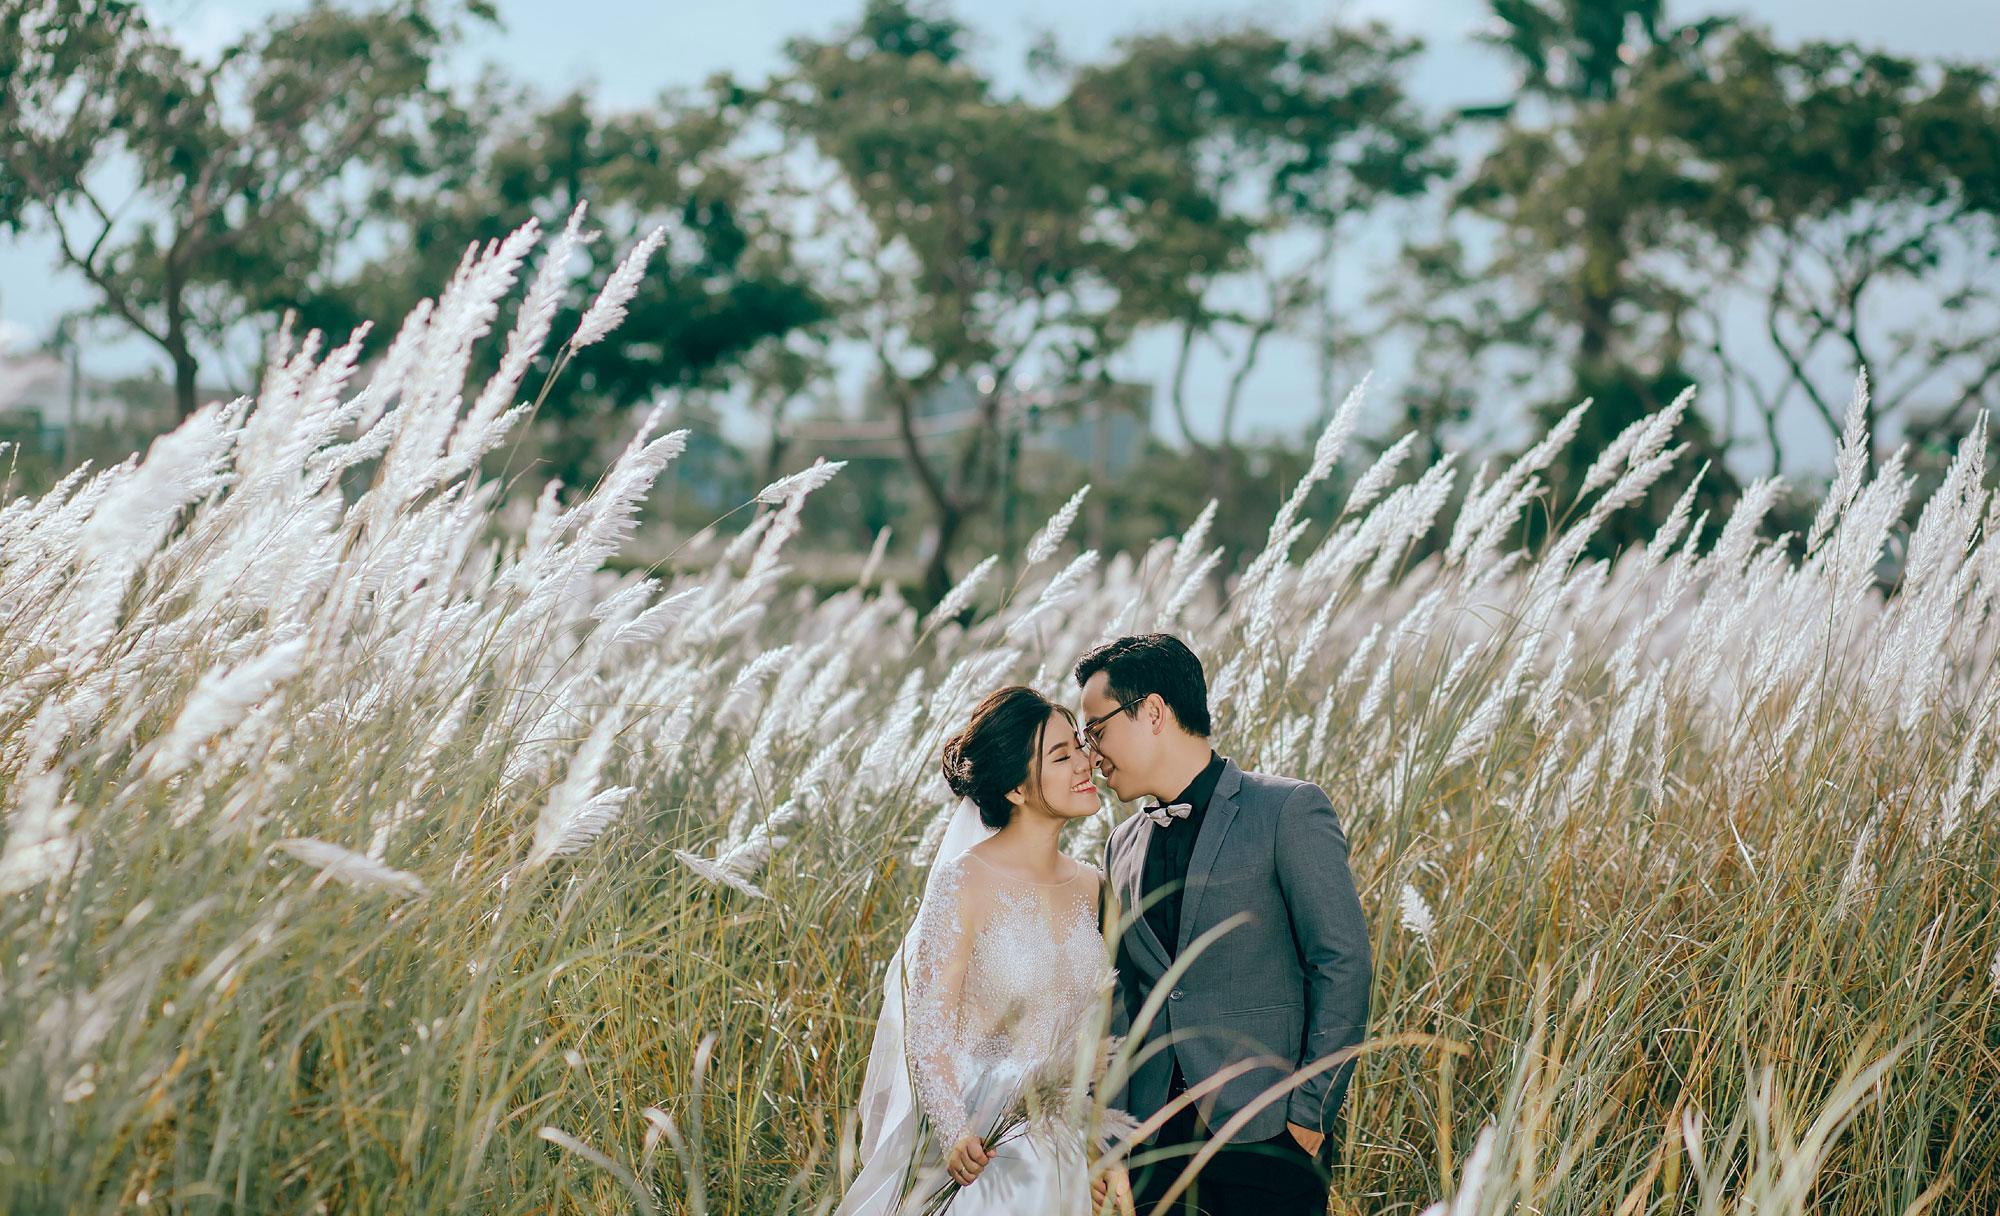 Chụp ảnh cưới Đà Nẵng – Đồi chè| Toàn – Anh